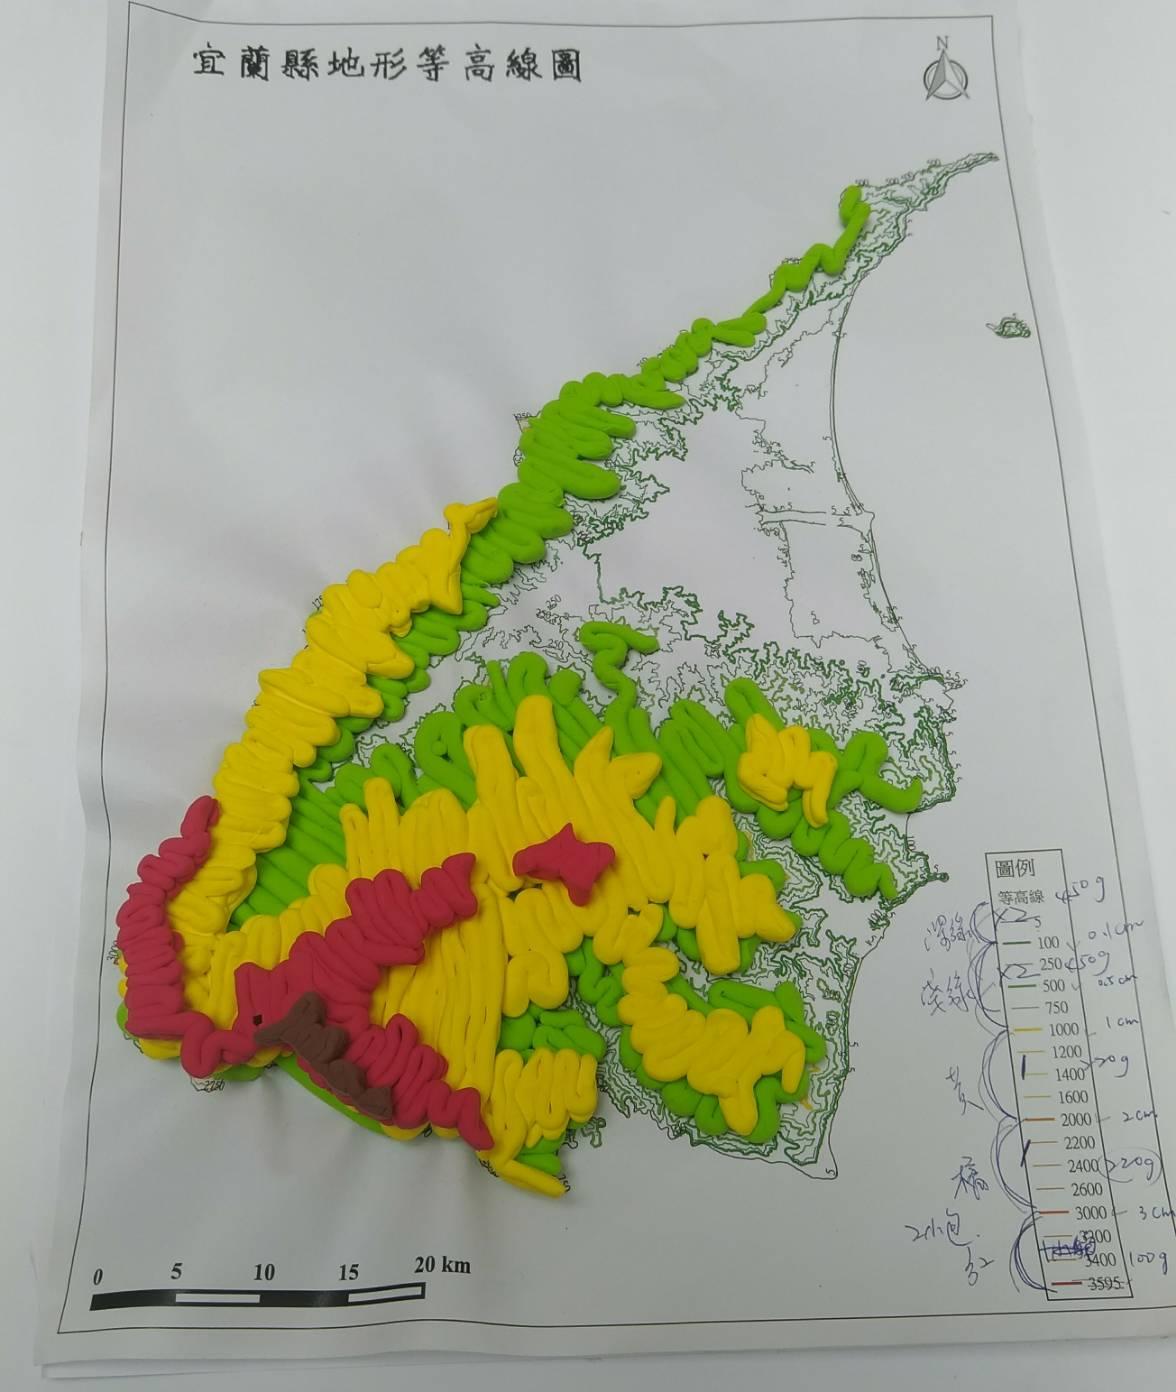 宜蘭縣立體地形圖(實體)